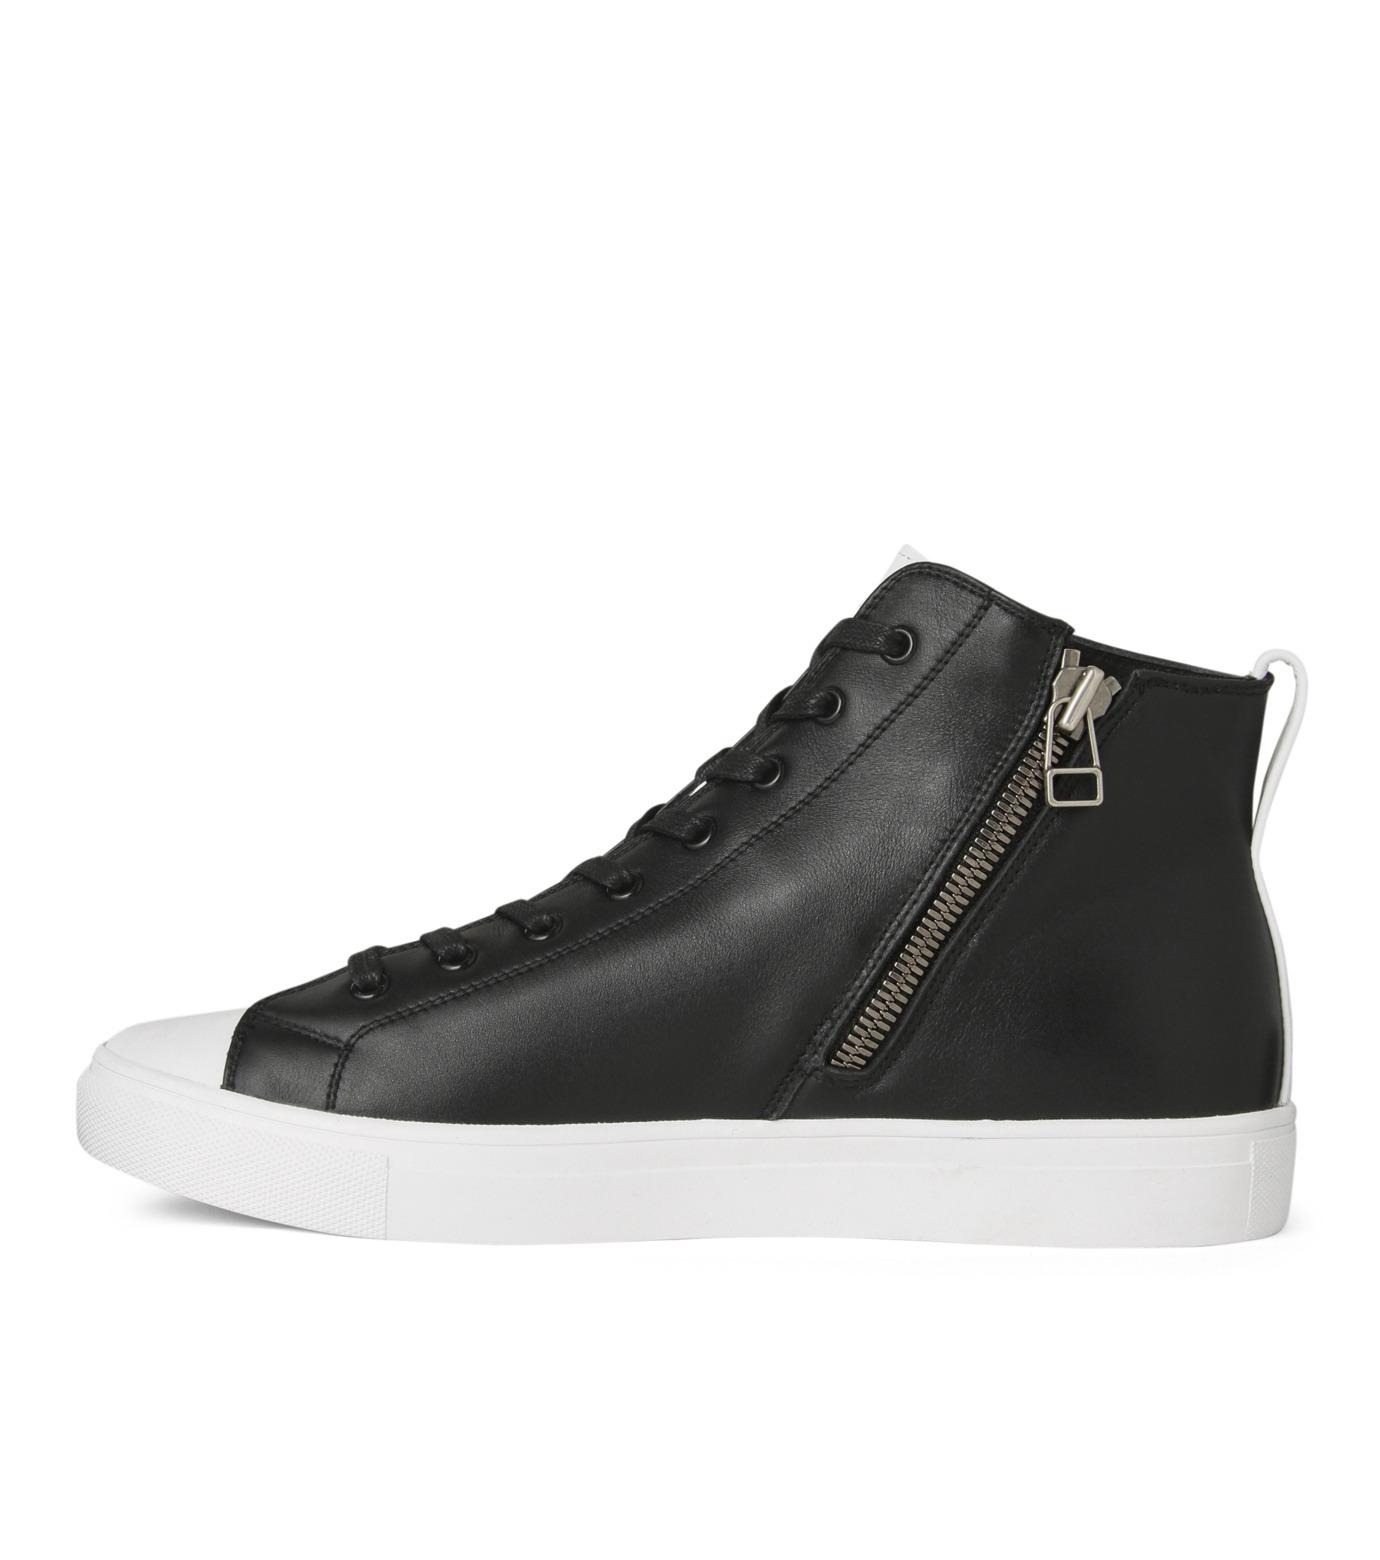 HL HEDDIE LOVU(エイチエル・エディールーヴ)のHL Zip Sneaker-BLACK(スニーカー/sneaker)-17S90001-13 拡大詳細画像2